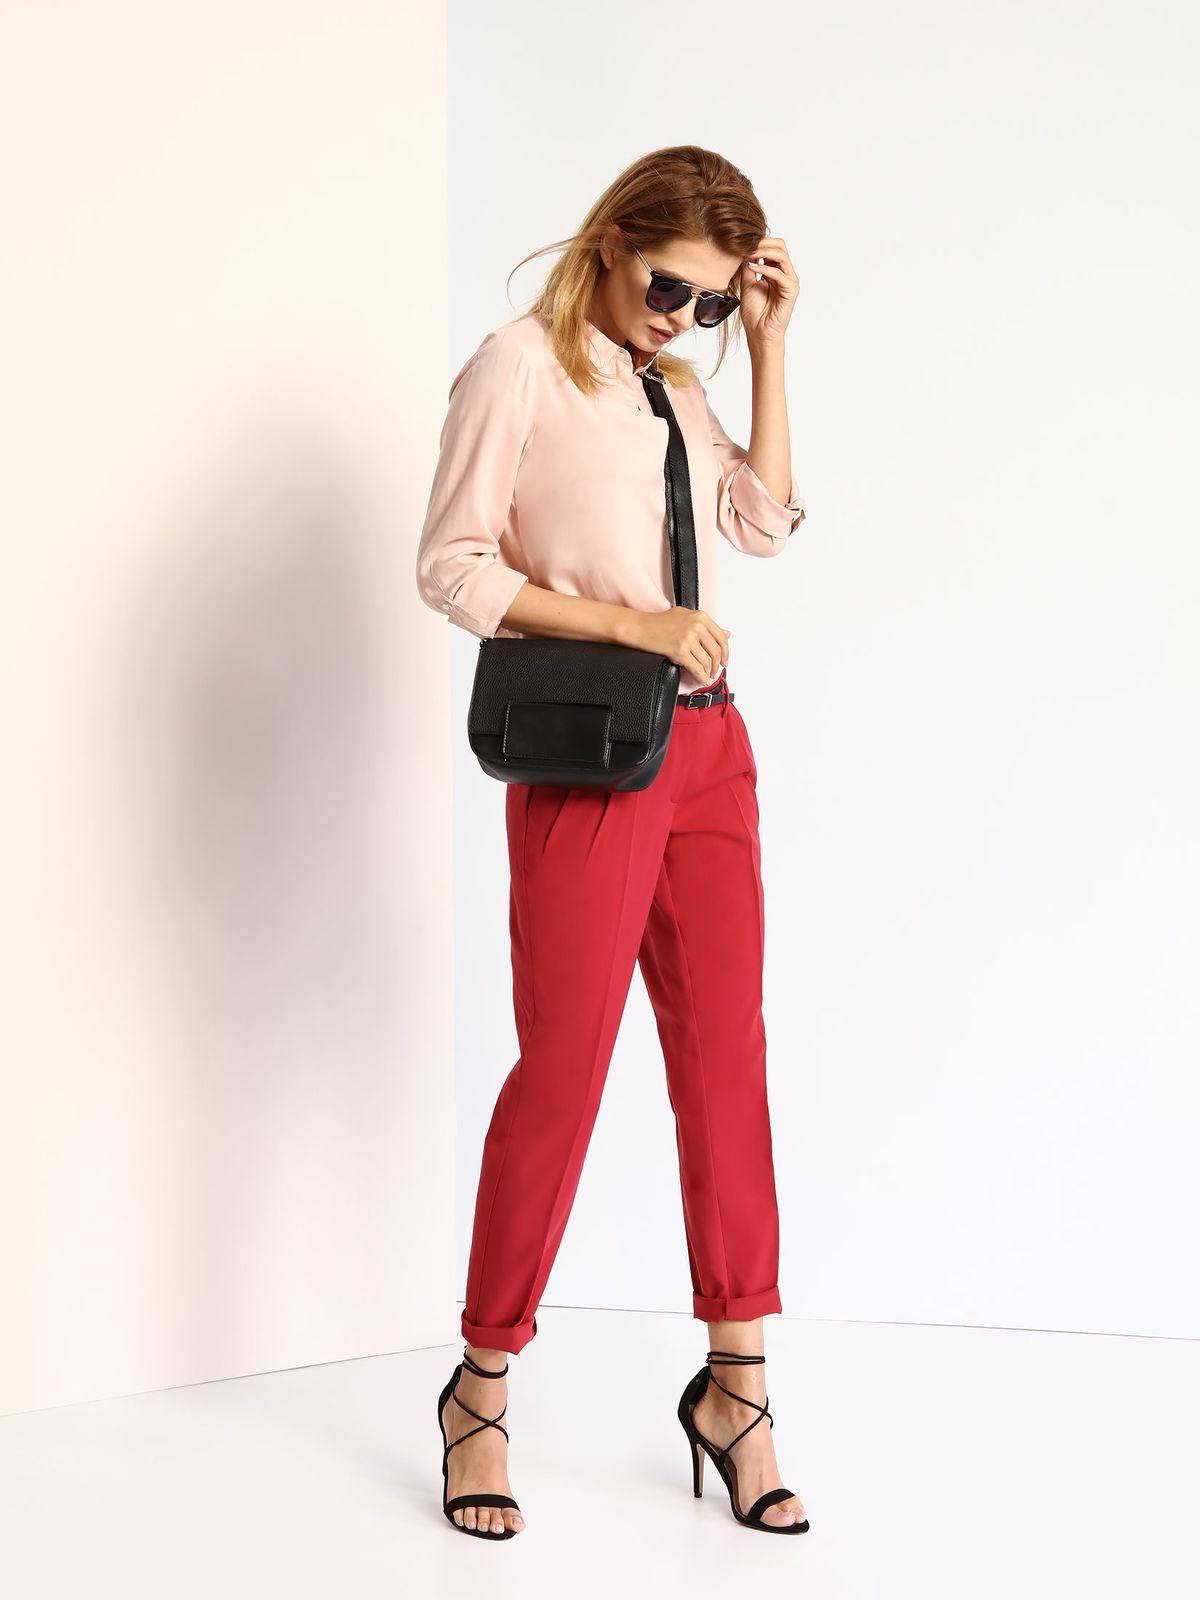 Рубашка женская Top Secret, цвет: бежево-розовый. SKL2040JR. Размер 34 (40) canon 2040